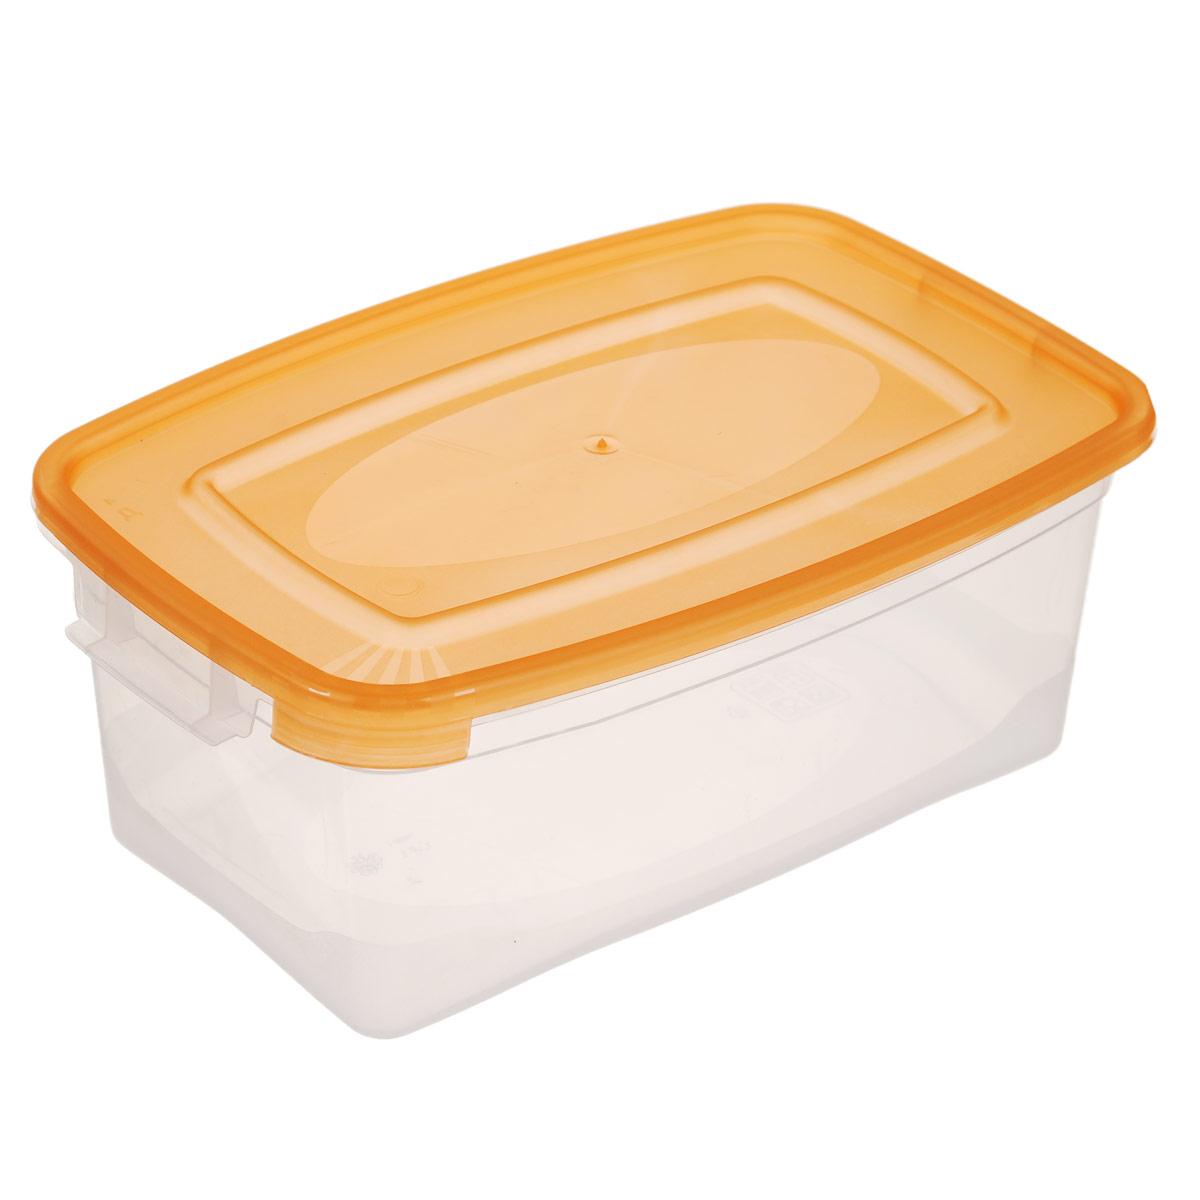 Контейнер Полимербыт Каскад, цвет: прозрачный, оранжевый, 1 л. С570С570Контейнер Полимербыт Каскад прямоугольной формы, изготовленный из прочного пластика, предназначен специально для хранения пищевых продуктов. Крышка легко открывается и плотно закрывается. Контейнер устойчив к воздействию масел и жиров, легко моется. Прозрачные стенки позволяют видеть содержимое. Контейнер имеет возможность хранения продуктов глубокой заморозки, обладает высокой прочностью. Подходит для использования в микроволновых печах. Можно мыть в посудомоечной машине.